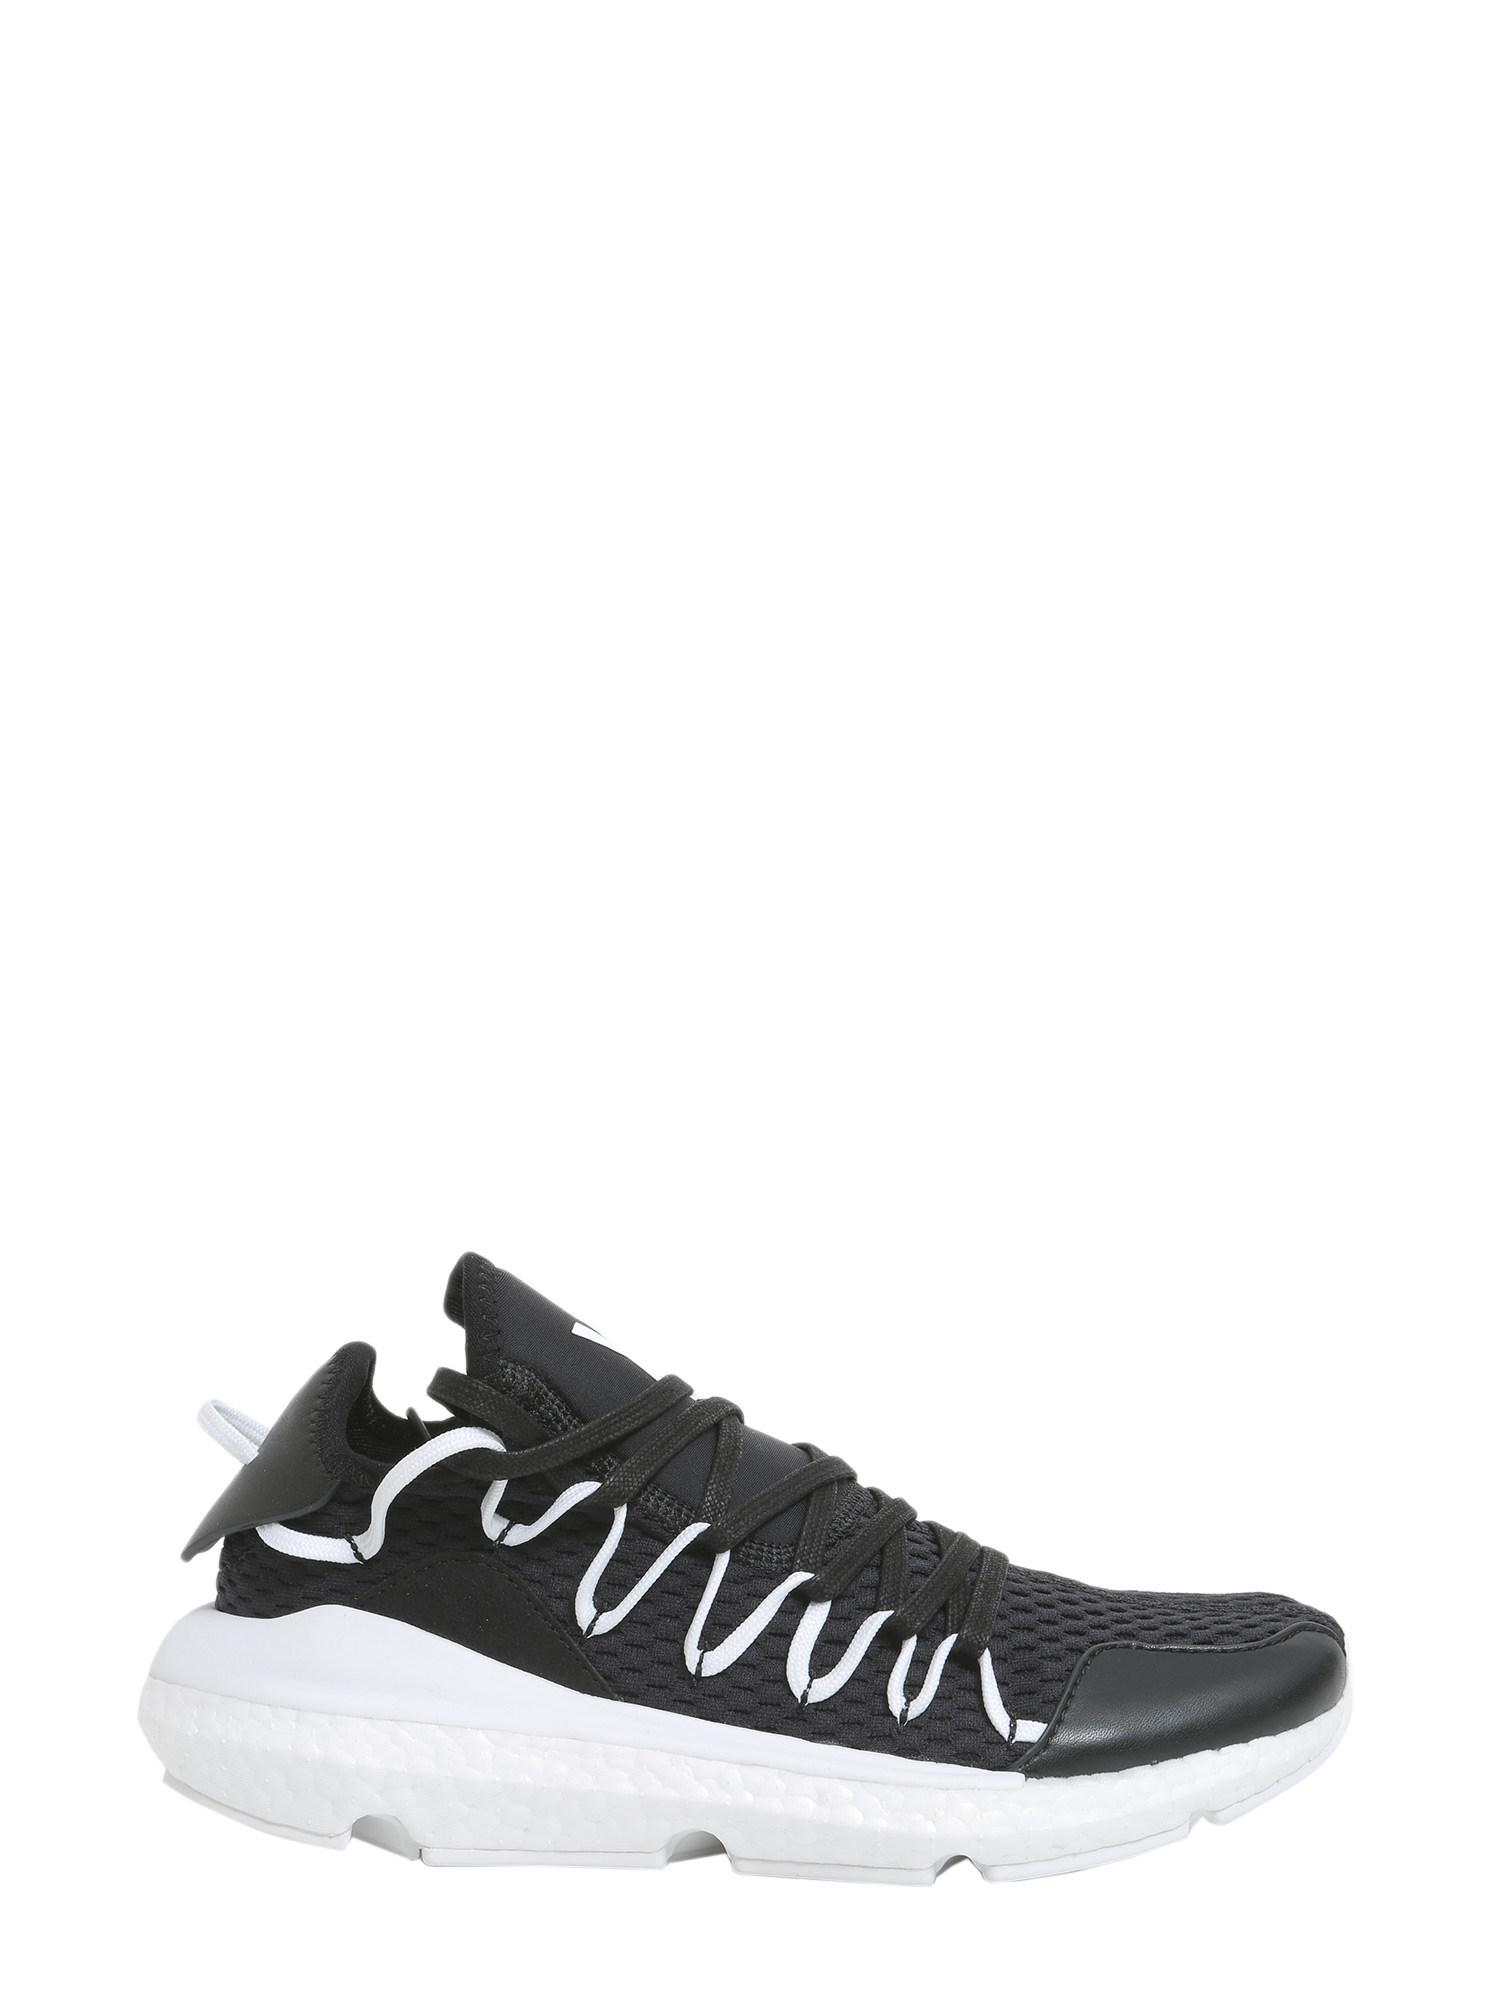 68b677eab Lyst - Y-3 Kusari Purboots Sneakers in Black for Men